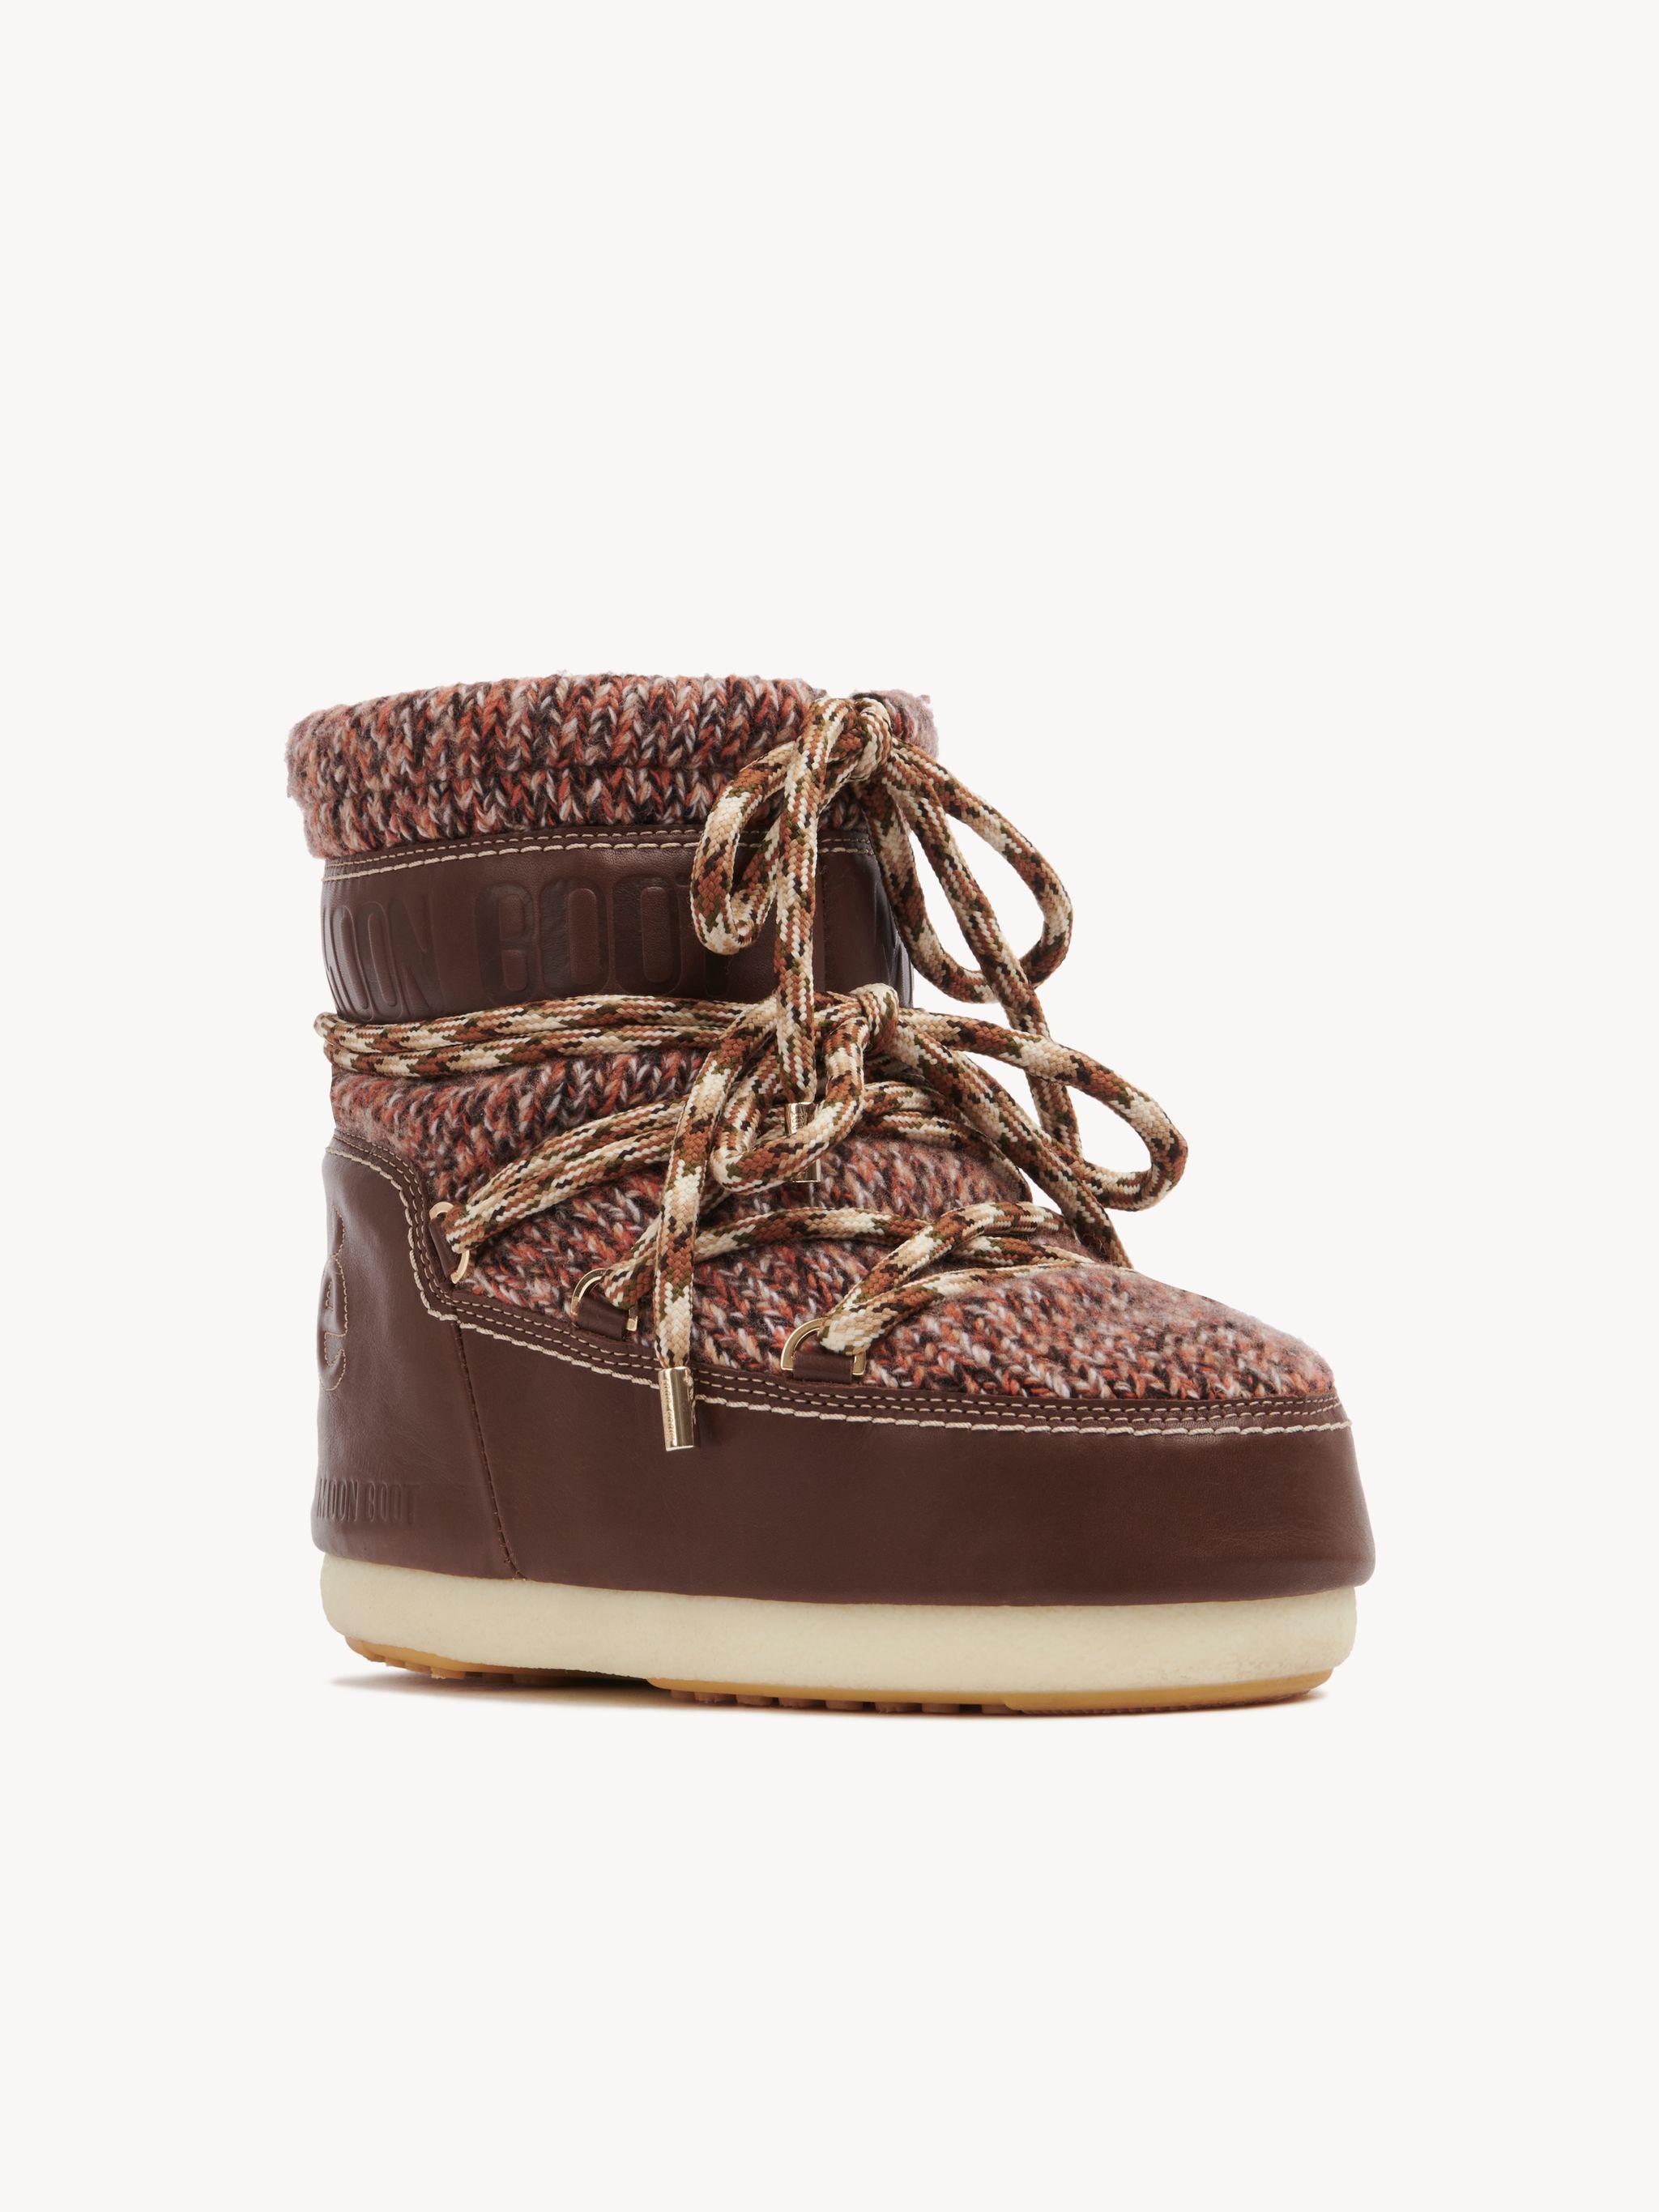 Chloé Tan Wool Boots